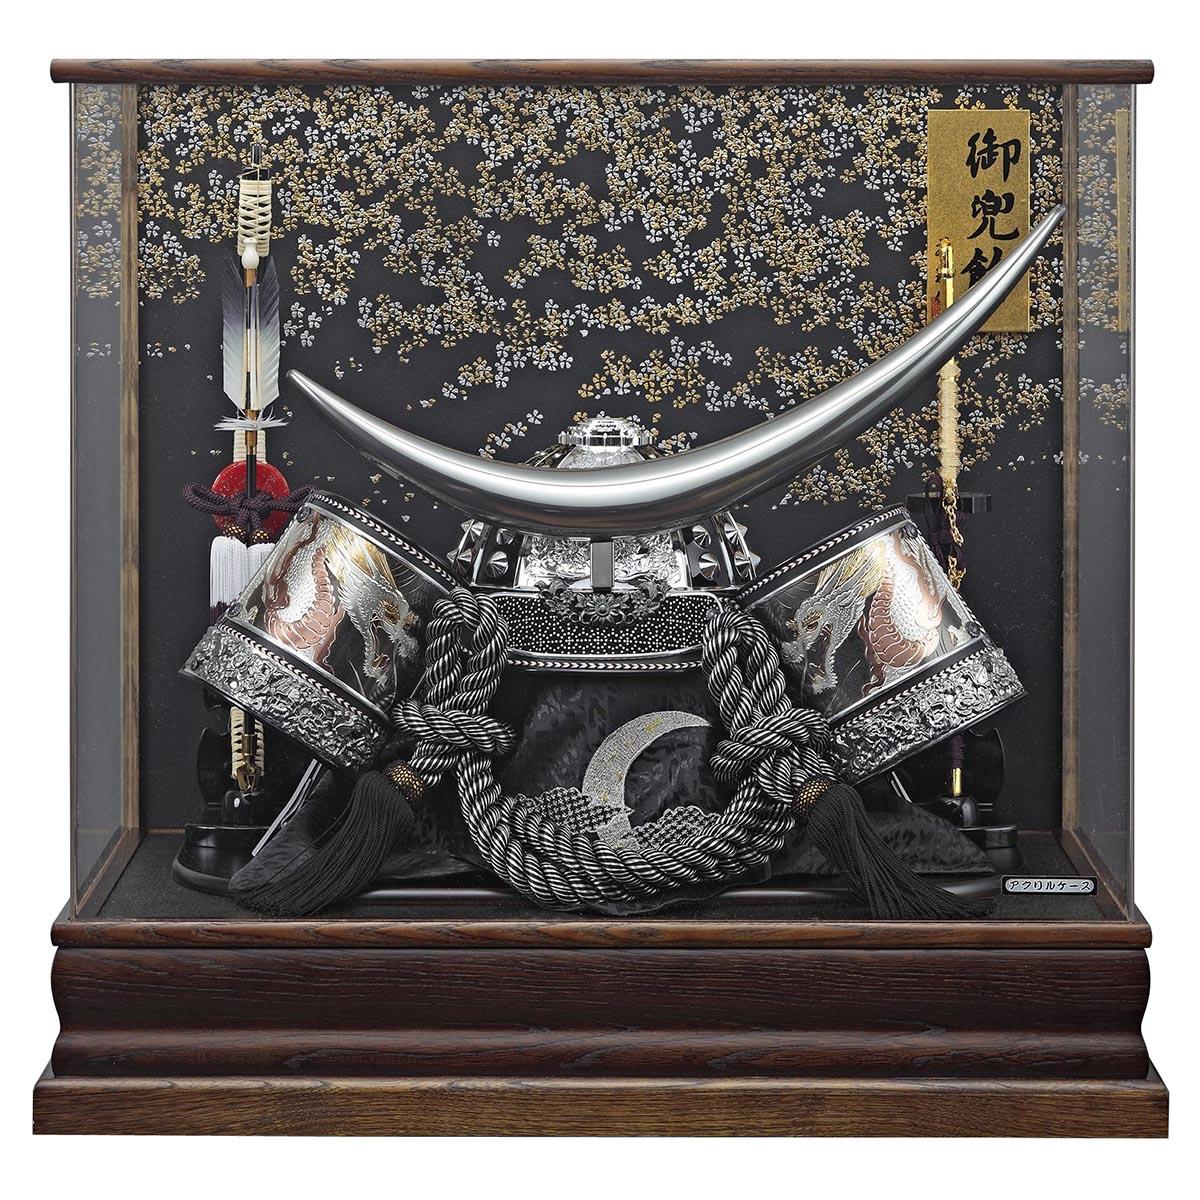 五月人形 藤翁 着用兜ケース飾り 着用兜飾り 伊達政宗 (BR) アクリルケース ≪GOFO-155-751≫おしゃれ 着用兜ケース飾り 伊達政宗 アクリルケース飾り着用 兜 ケース飾り 五月人形 [P20]